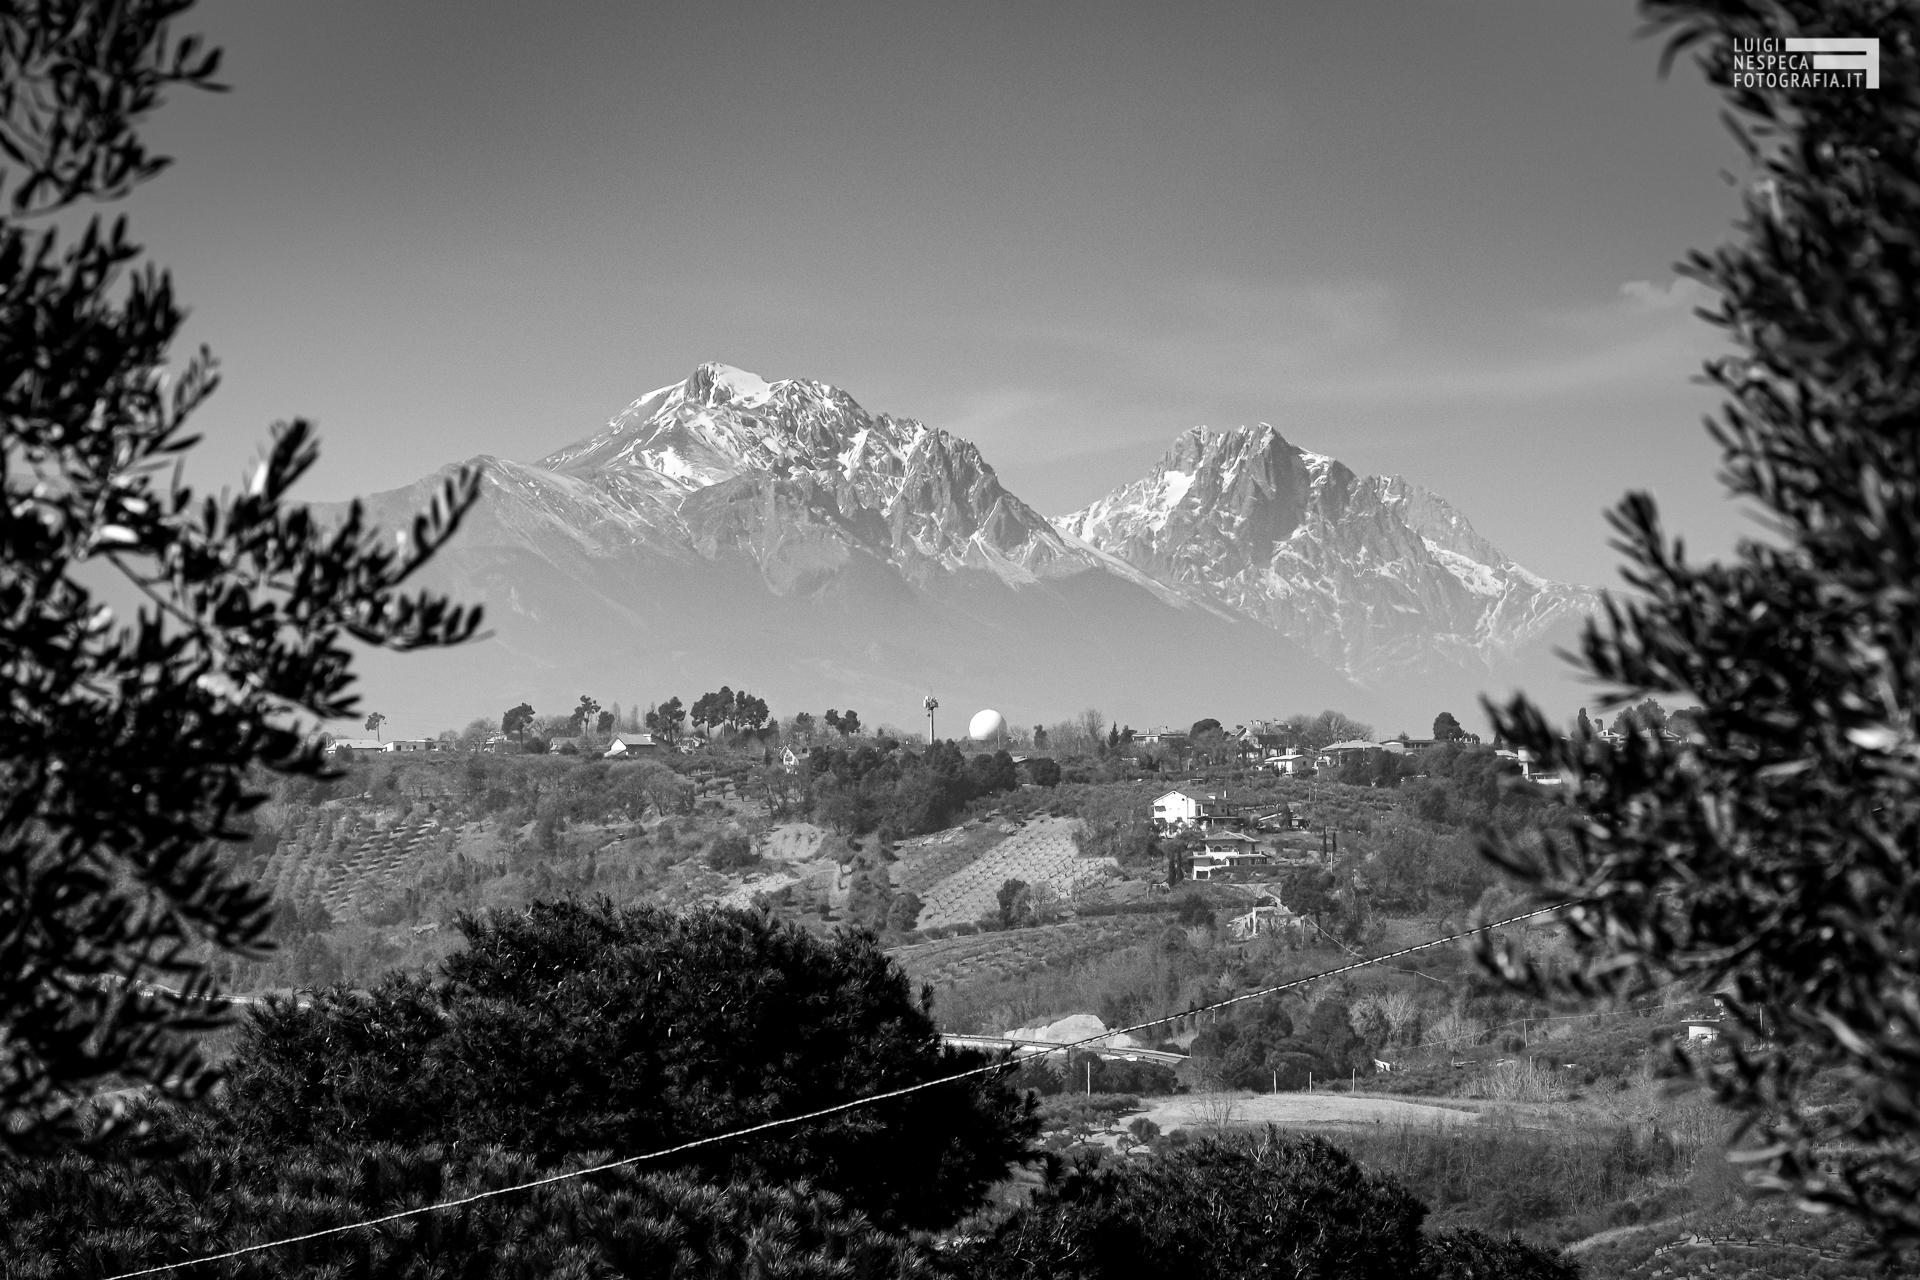 Le montagne viste dalla campagna di Francavilla al Mare: Il GRAN SASSO